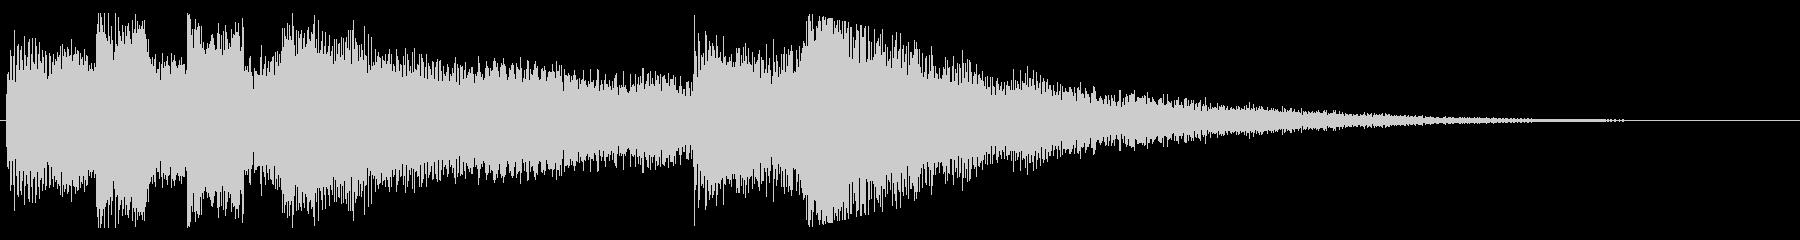 ちょっぴり哀愁の残るピアノのジングルの未再生の波形